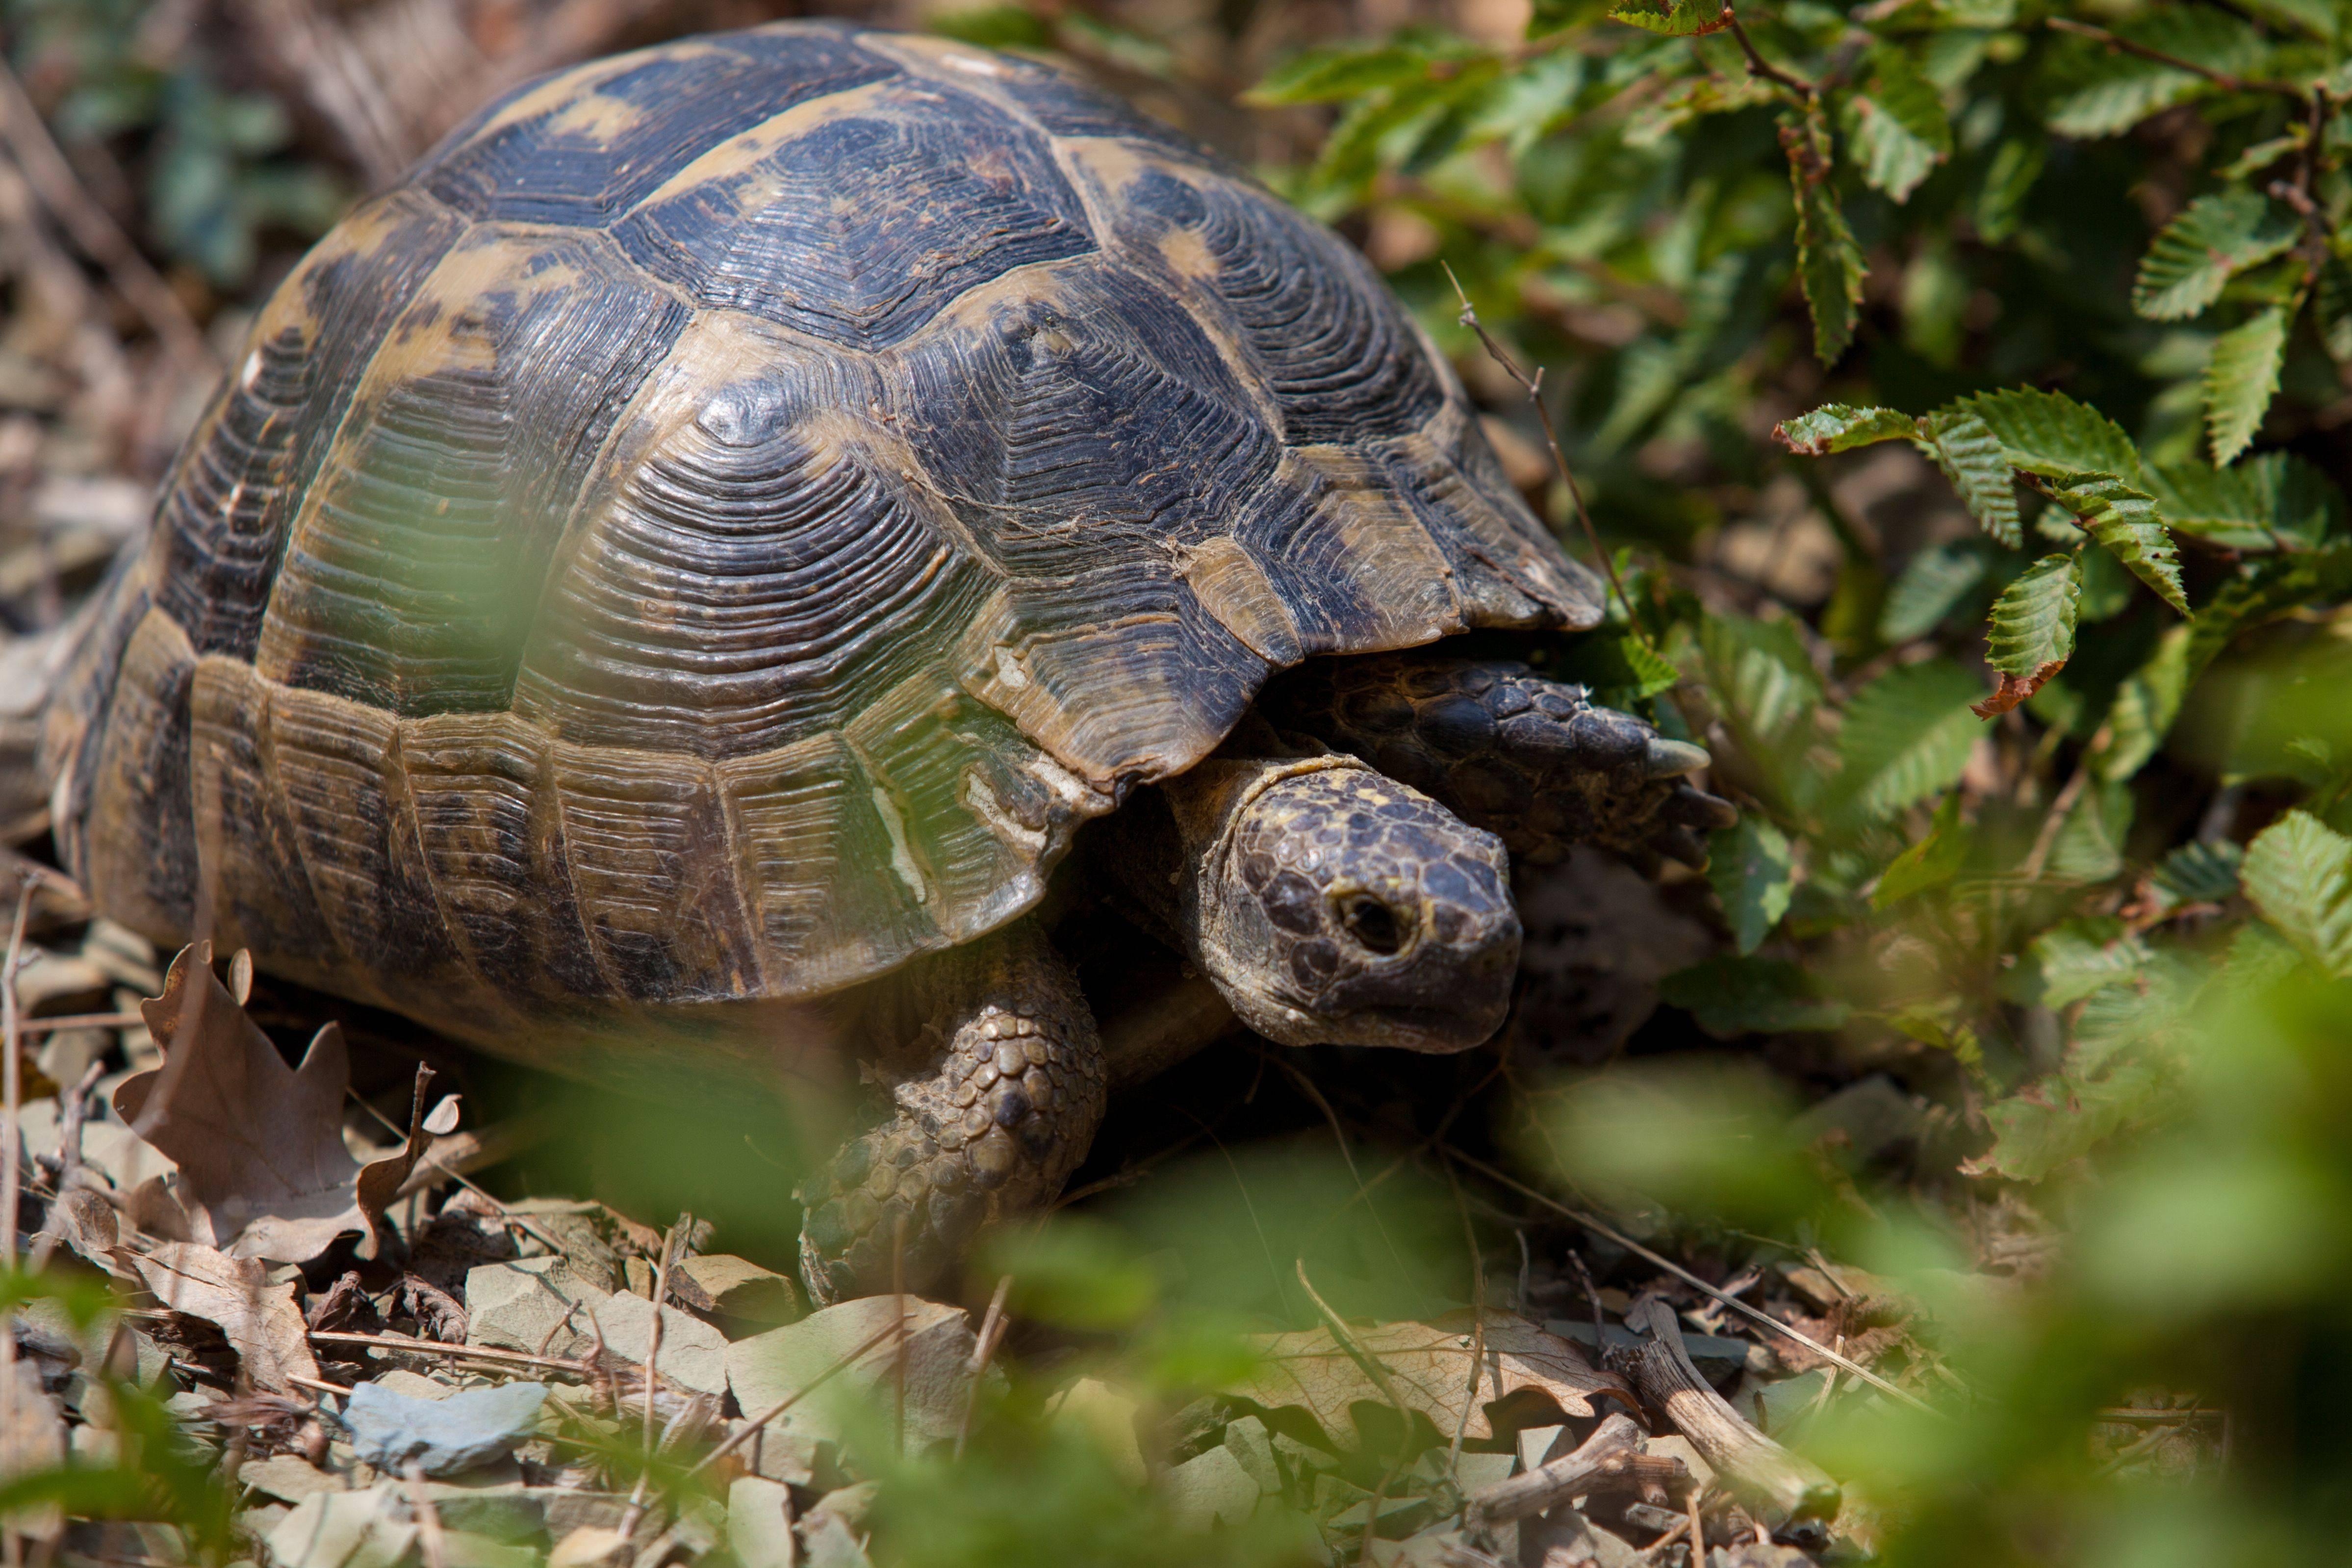 Средиземноморская черепаха никольского (testudo graeca nikolskii) в абхазии текст научной статьи по специальности «биологические науки»